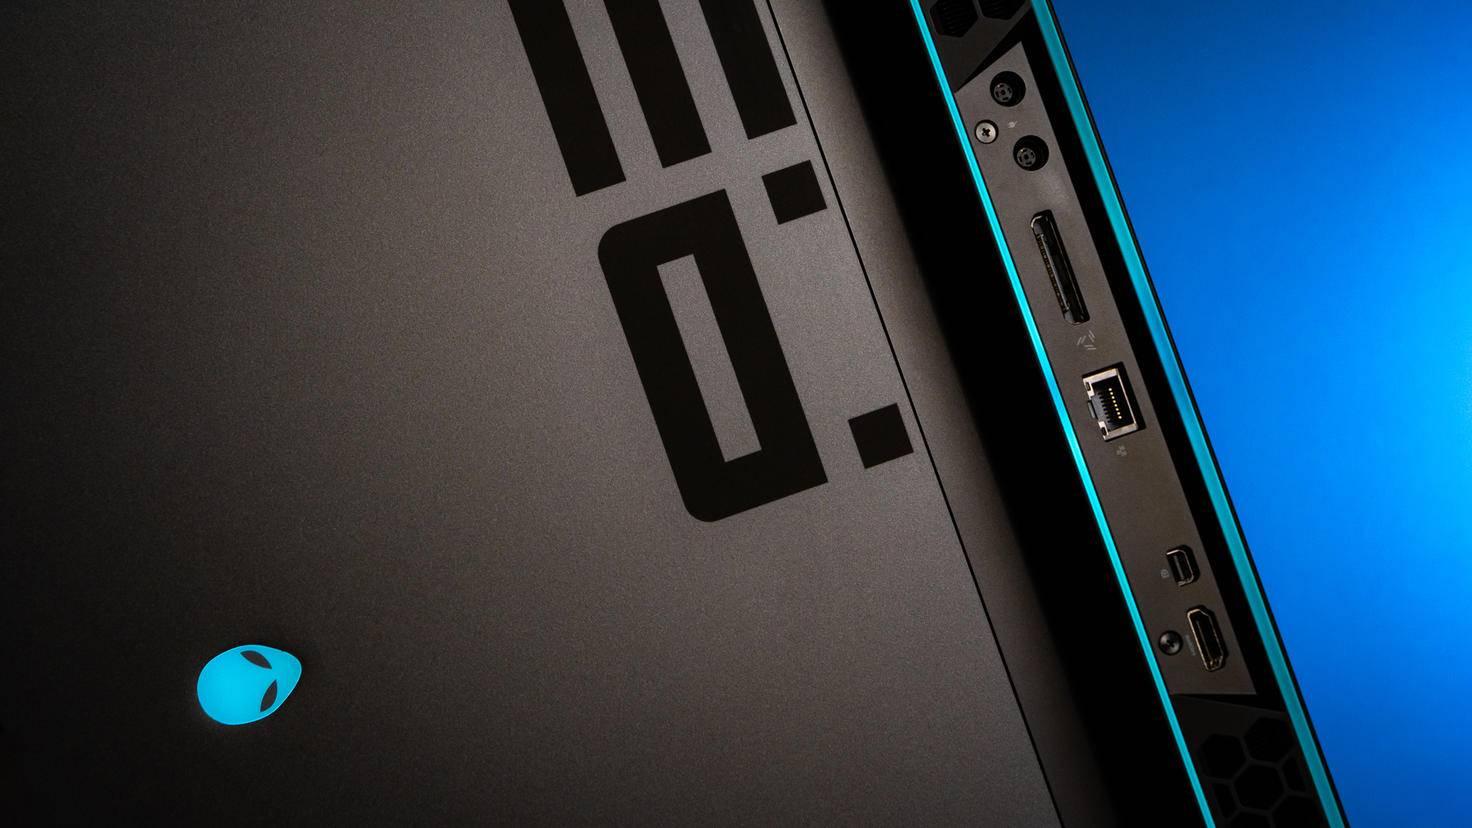 Rückseite: HDMI 2.0, Mini-DisplayPort 1.4, LAN-Anschluss, Grafikverstärker und Netzanschlüsse